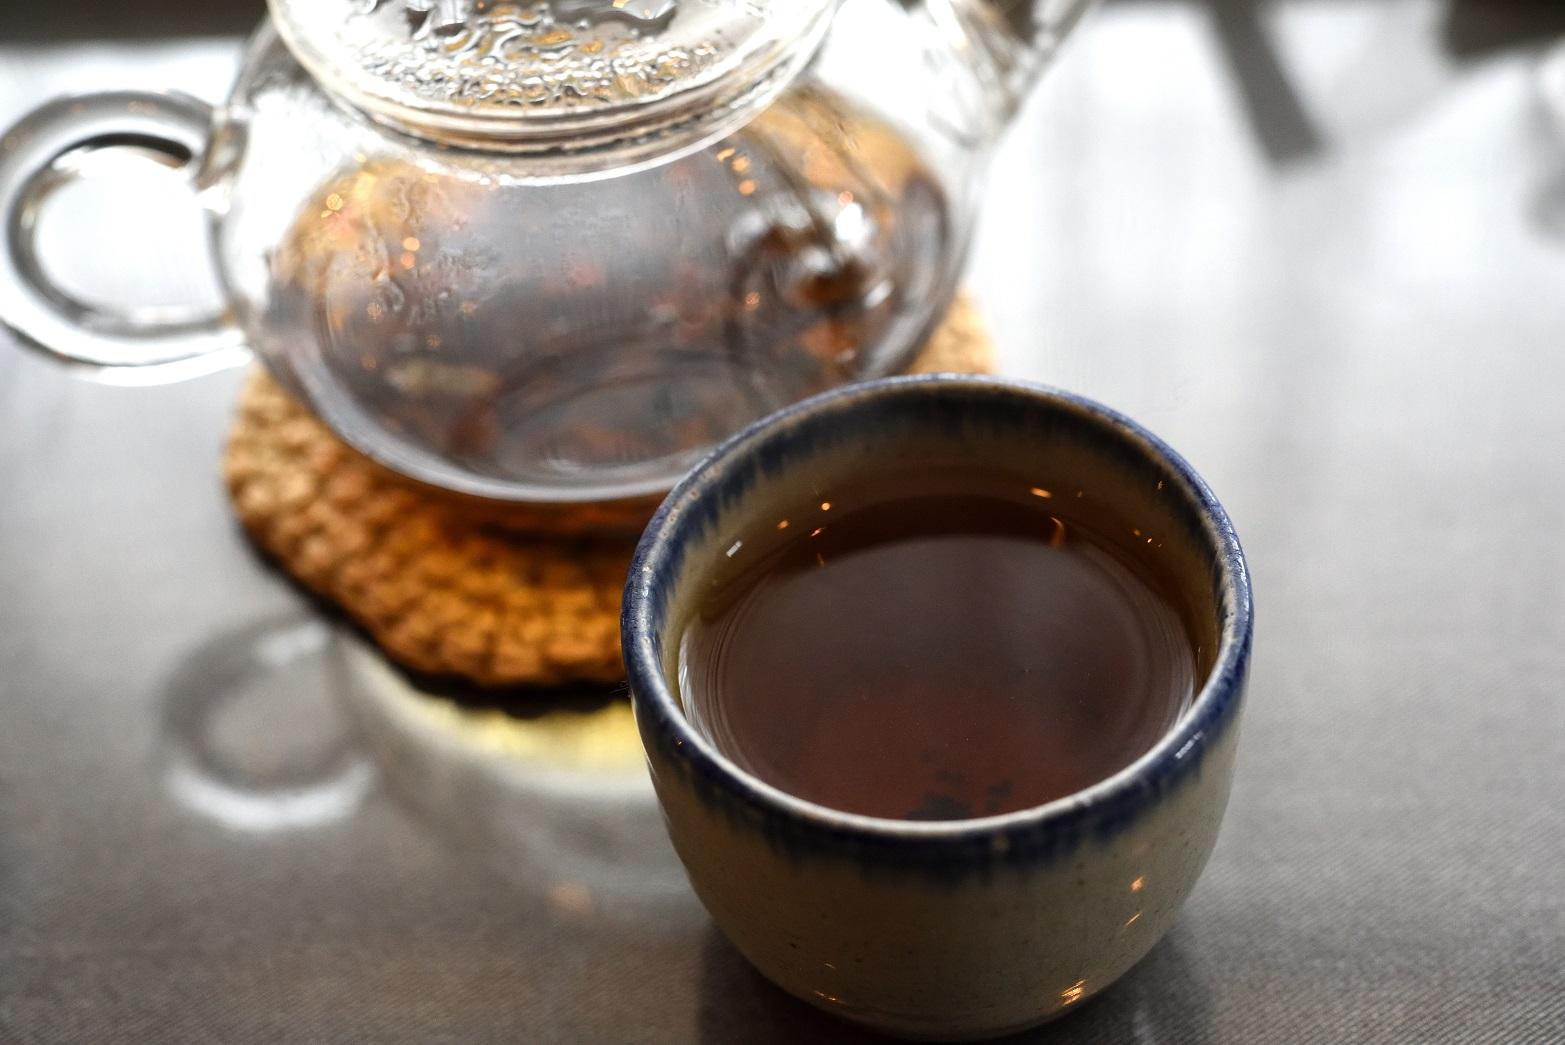 ラ・ターブル・ドゥ・イズミ お茶